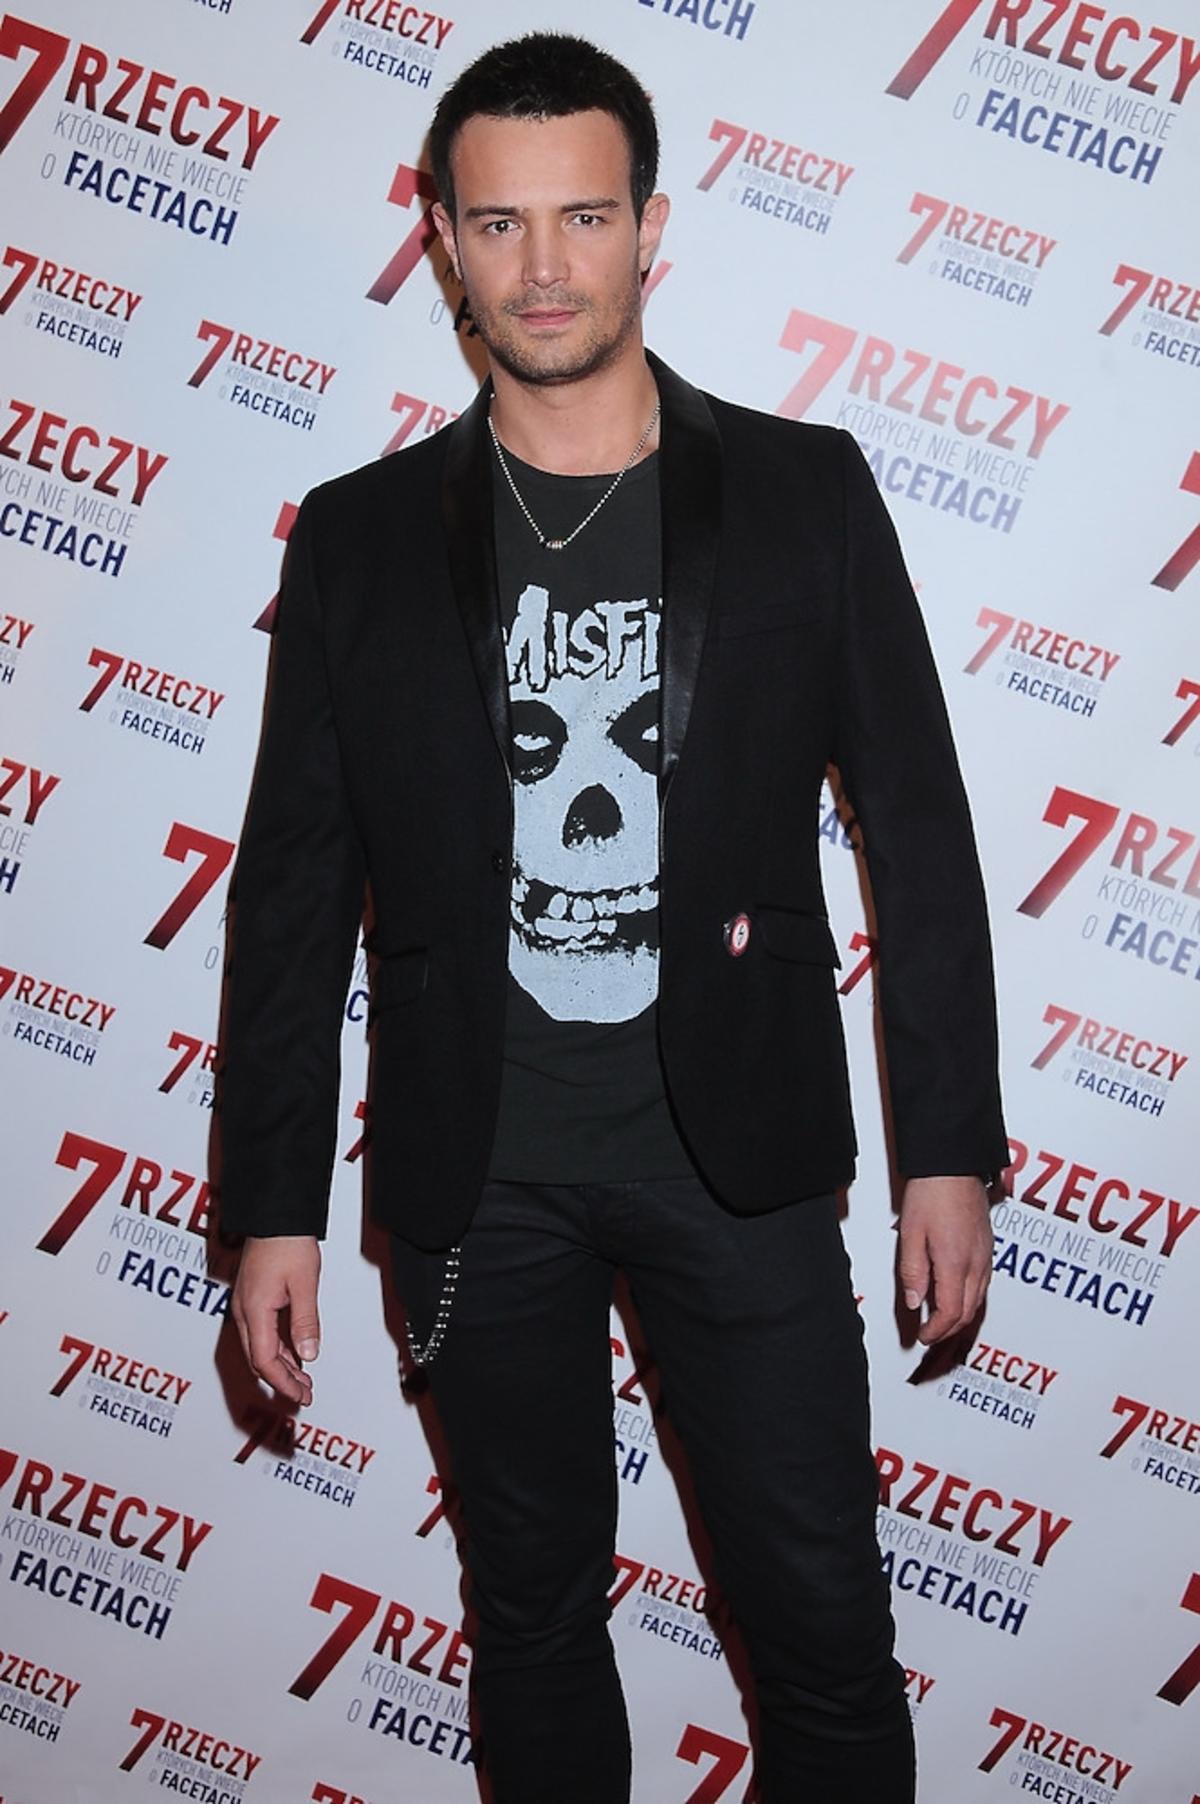 Mikołaj Krawczyk w koszulce z szaczką